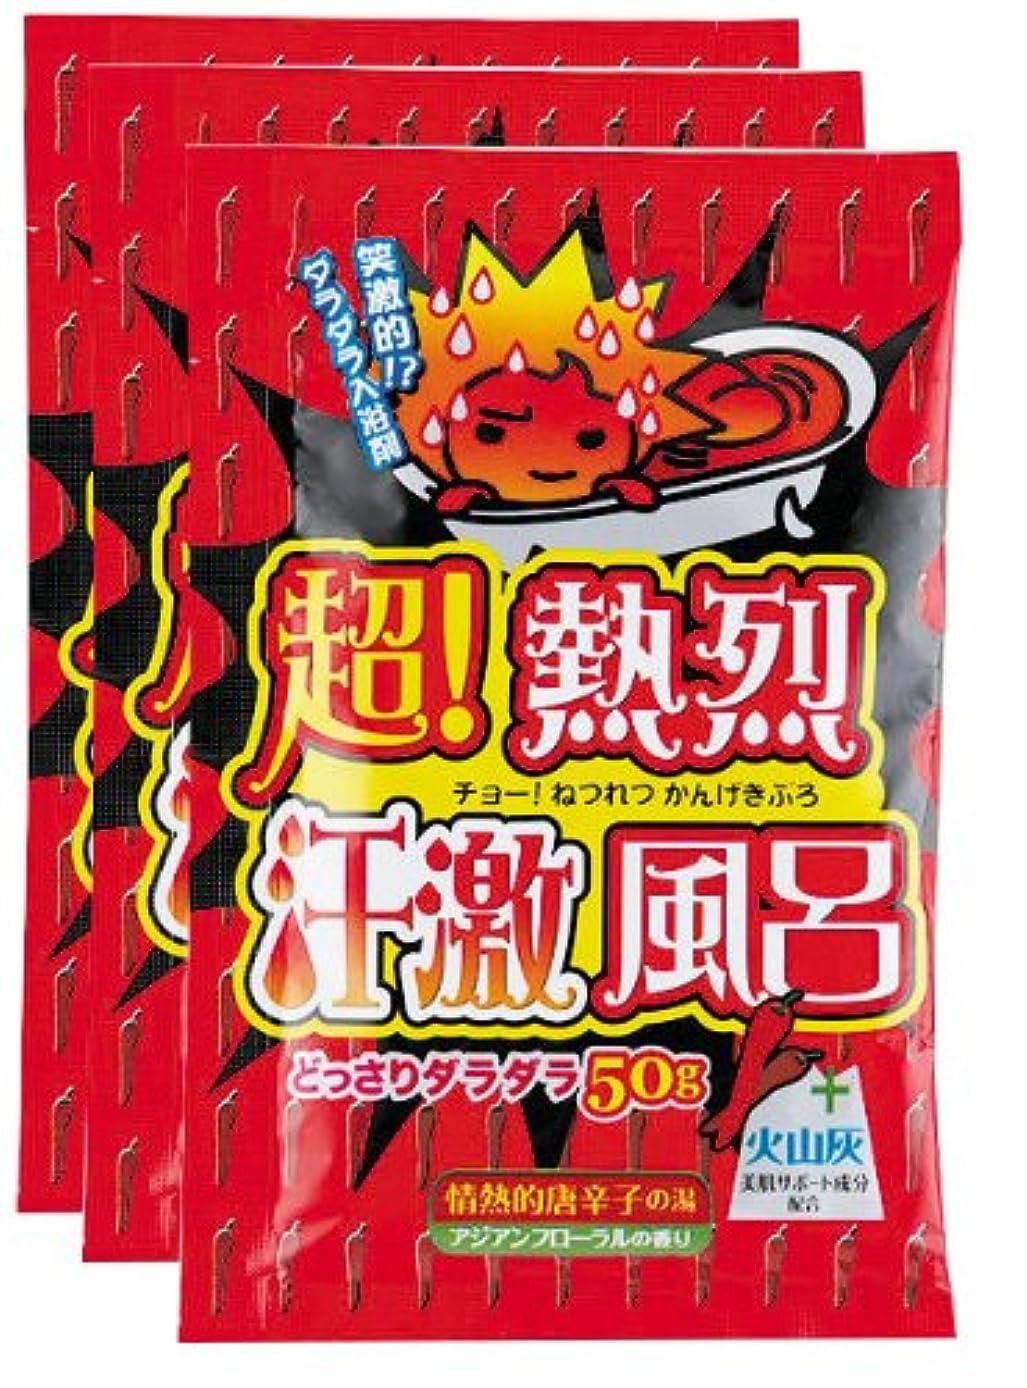 膨張する報告書滴下紀陽除虫菊 『入浴剤 まとめ買い』 超熱烈 汗激風呂 火山灰 3包セット